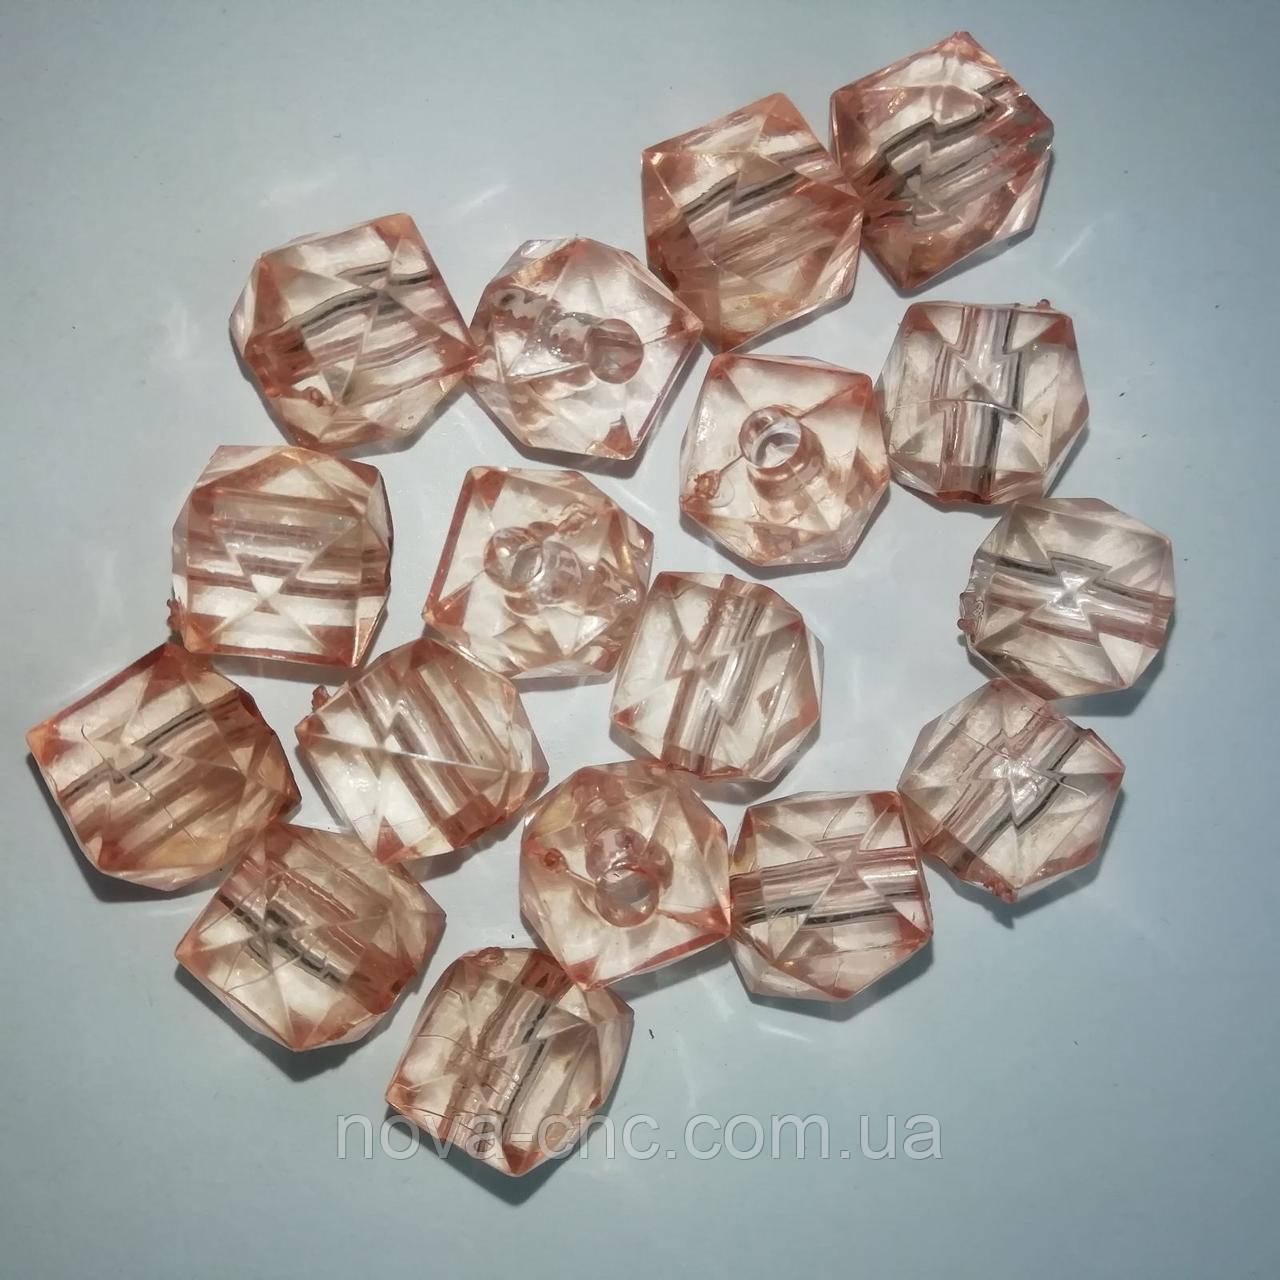 """Бусины акрил """"Куб грани"""" светло-коричневый 12 мм 500 грамм"""